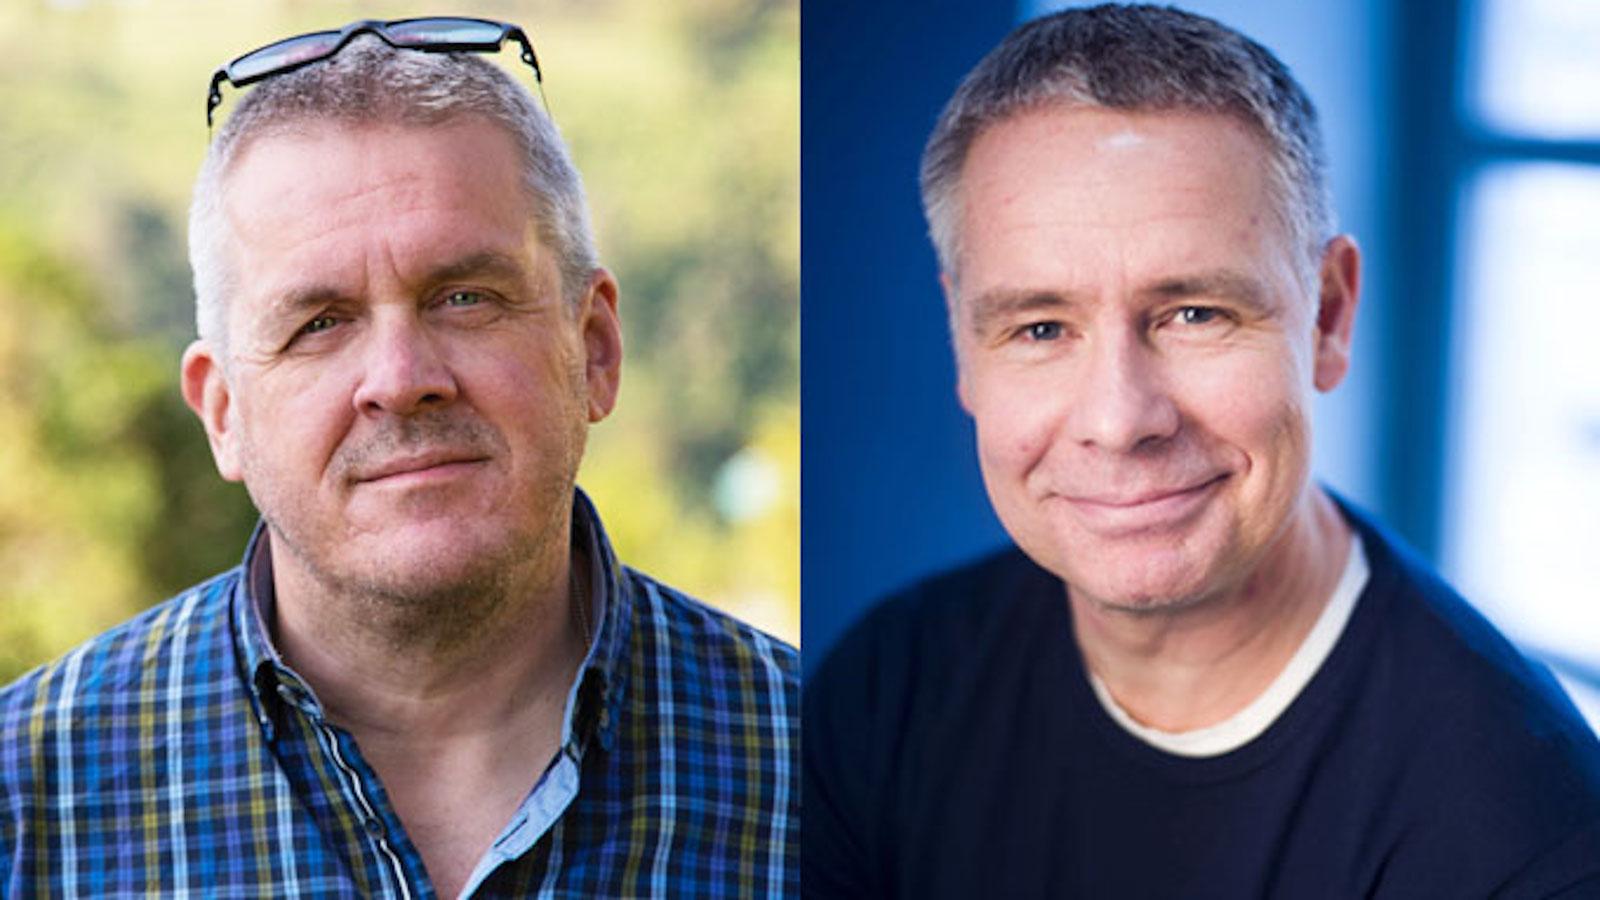 Kuvassa on kasvokuvat Marko Latvalasta ja Saku Tuomisesta.